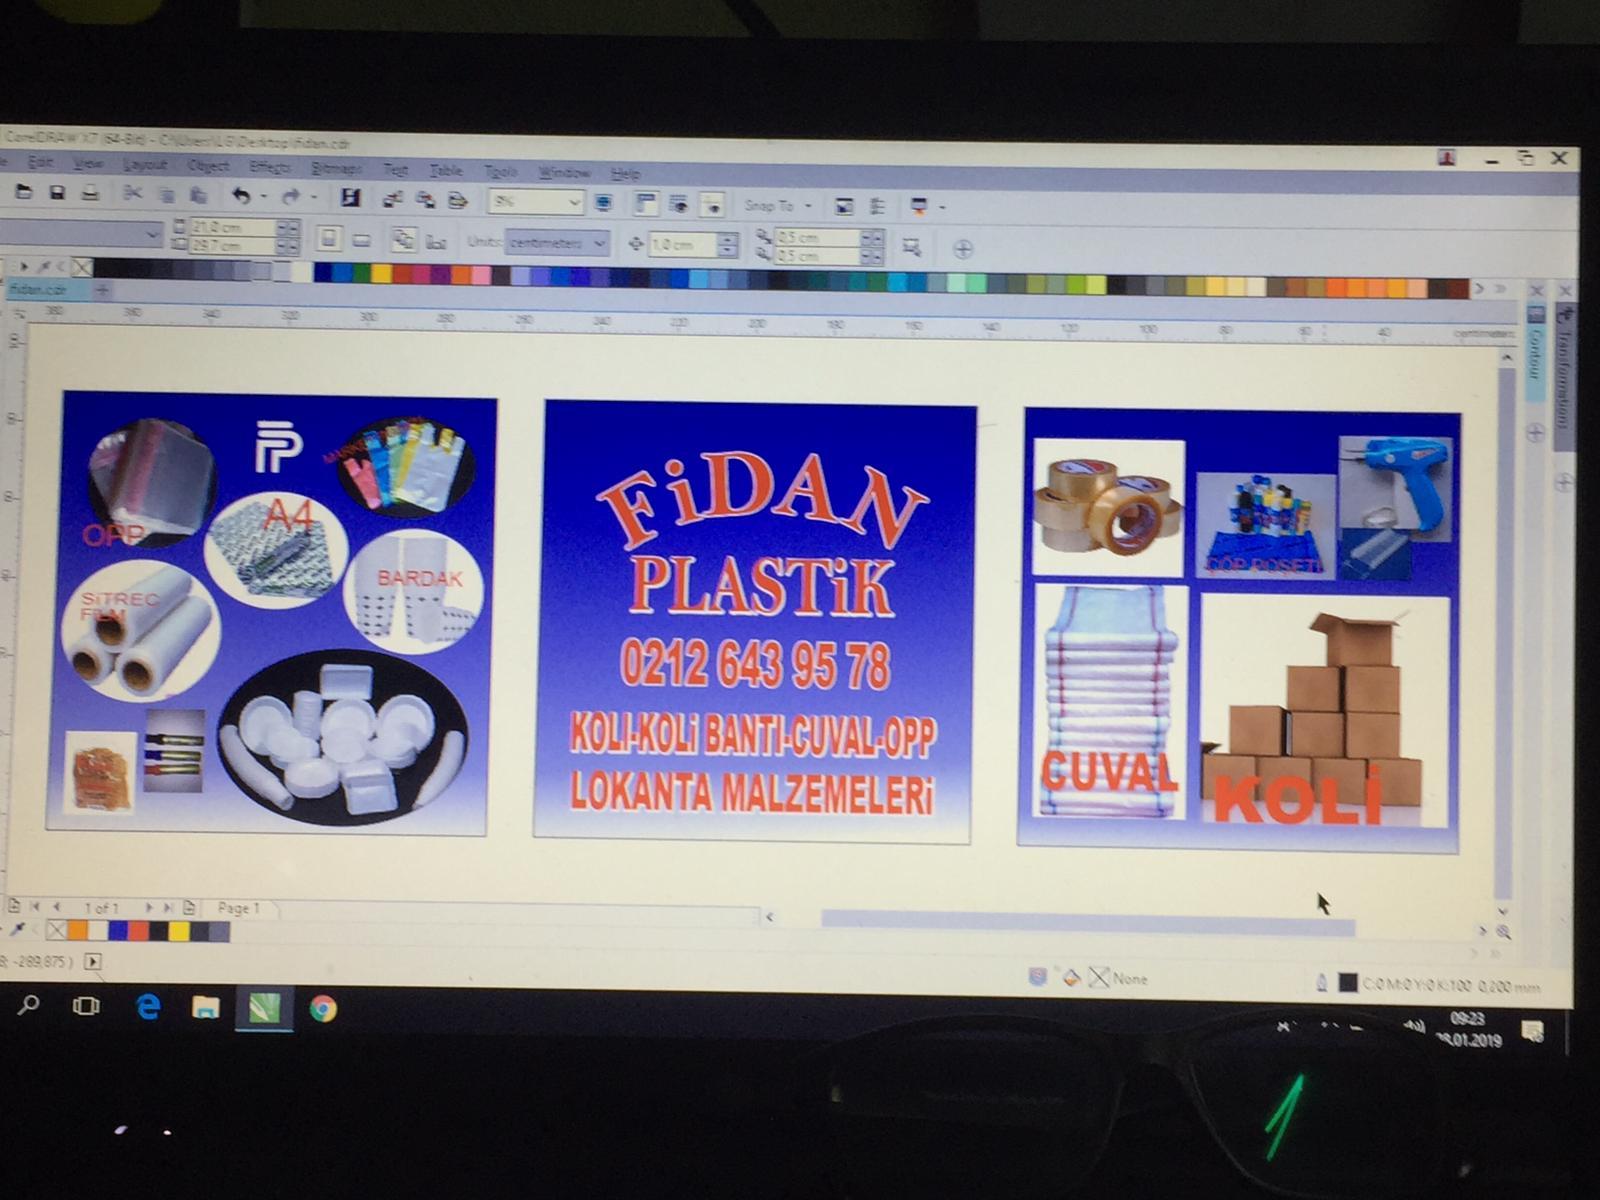 Fidan plastik